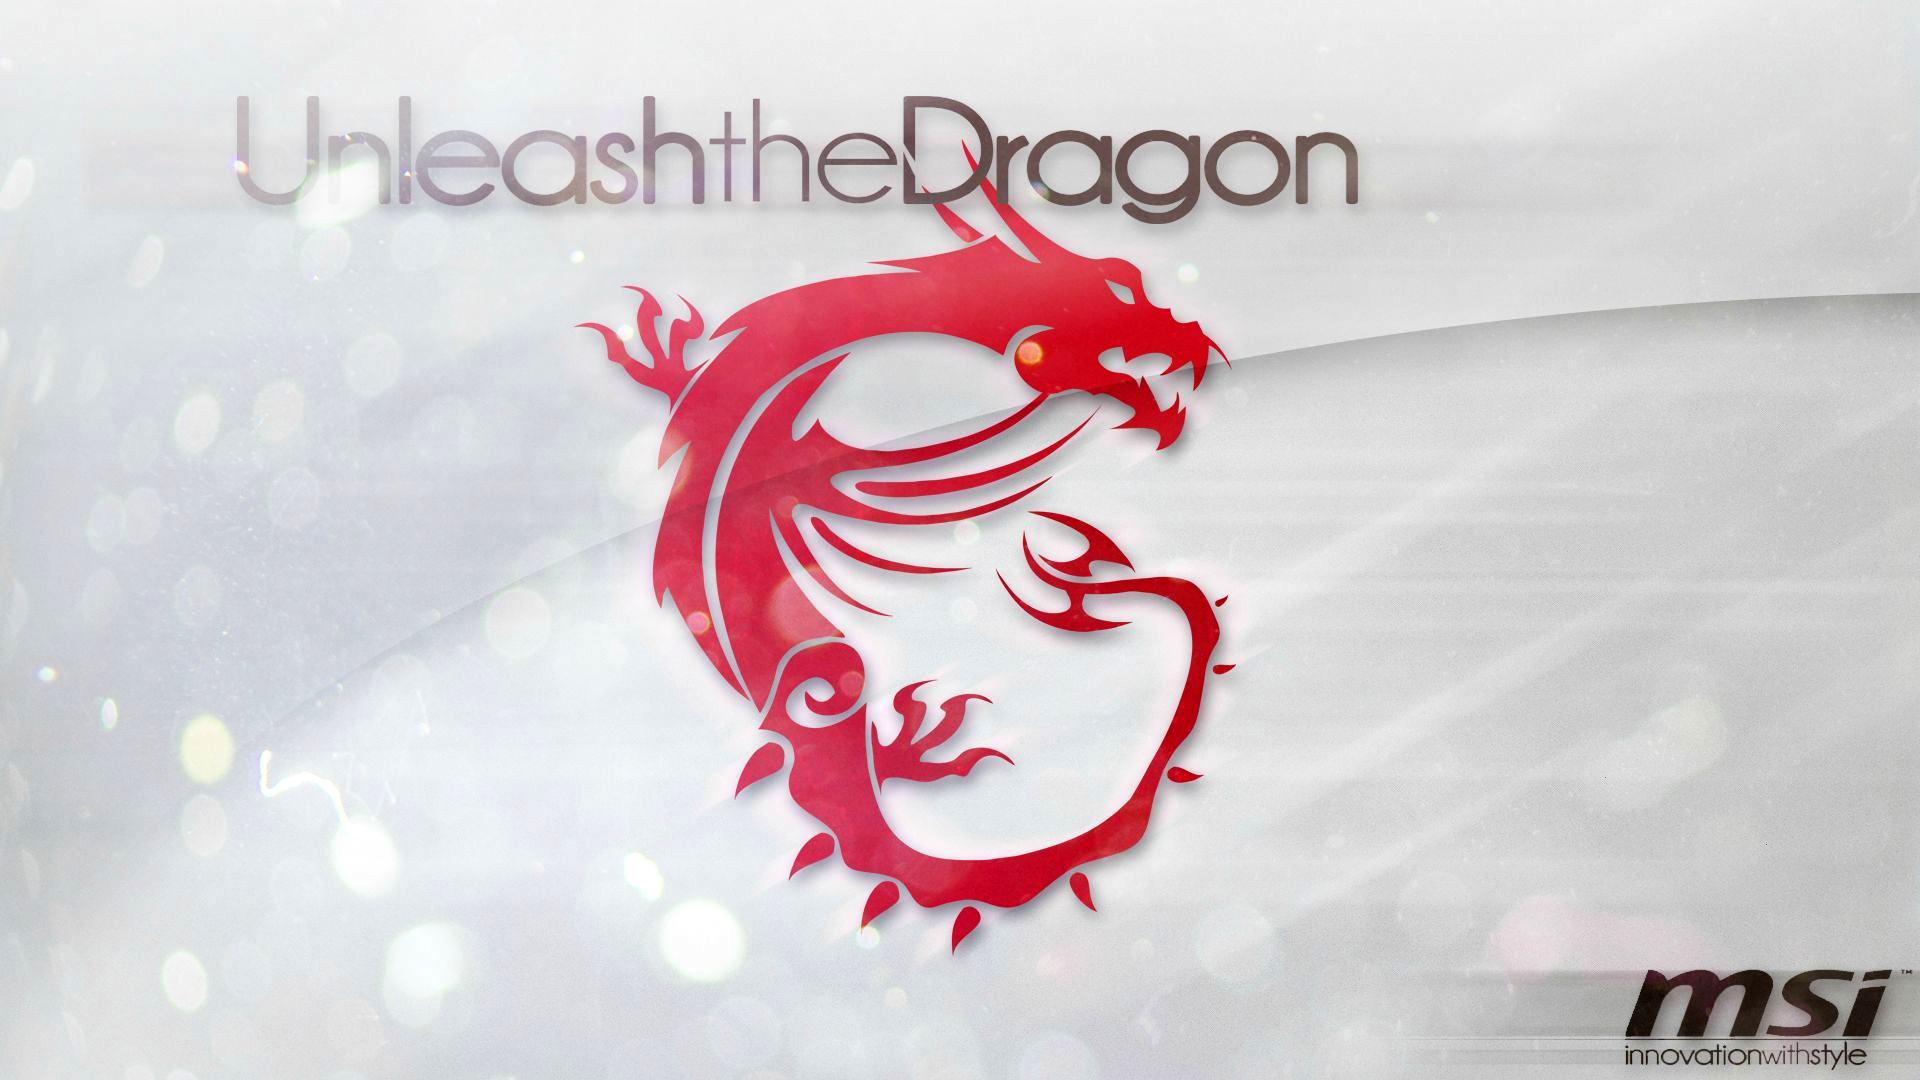 Msi Red Dragon Logo Hd 1920x1080 1080p